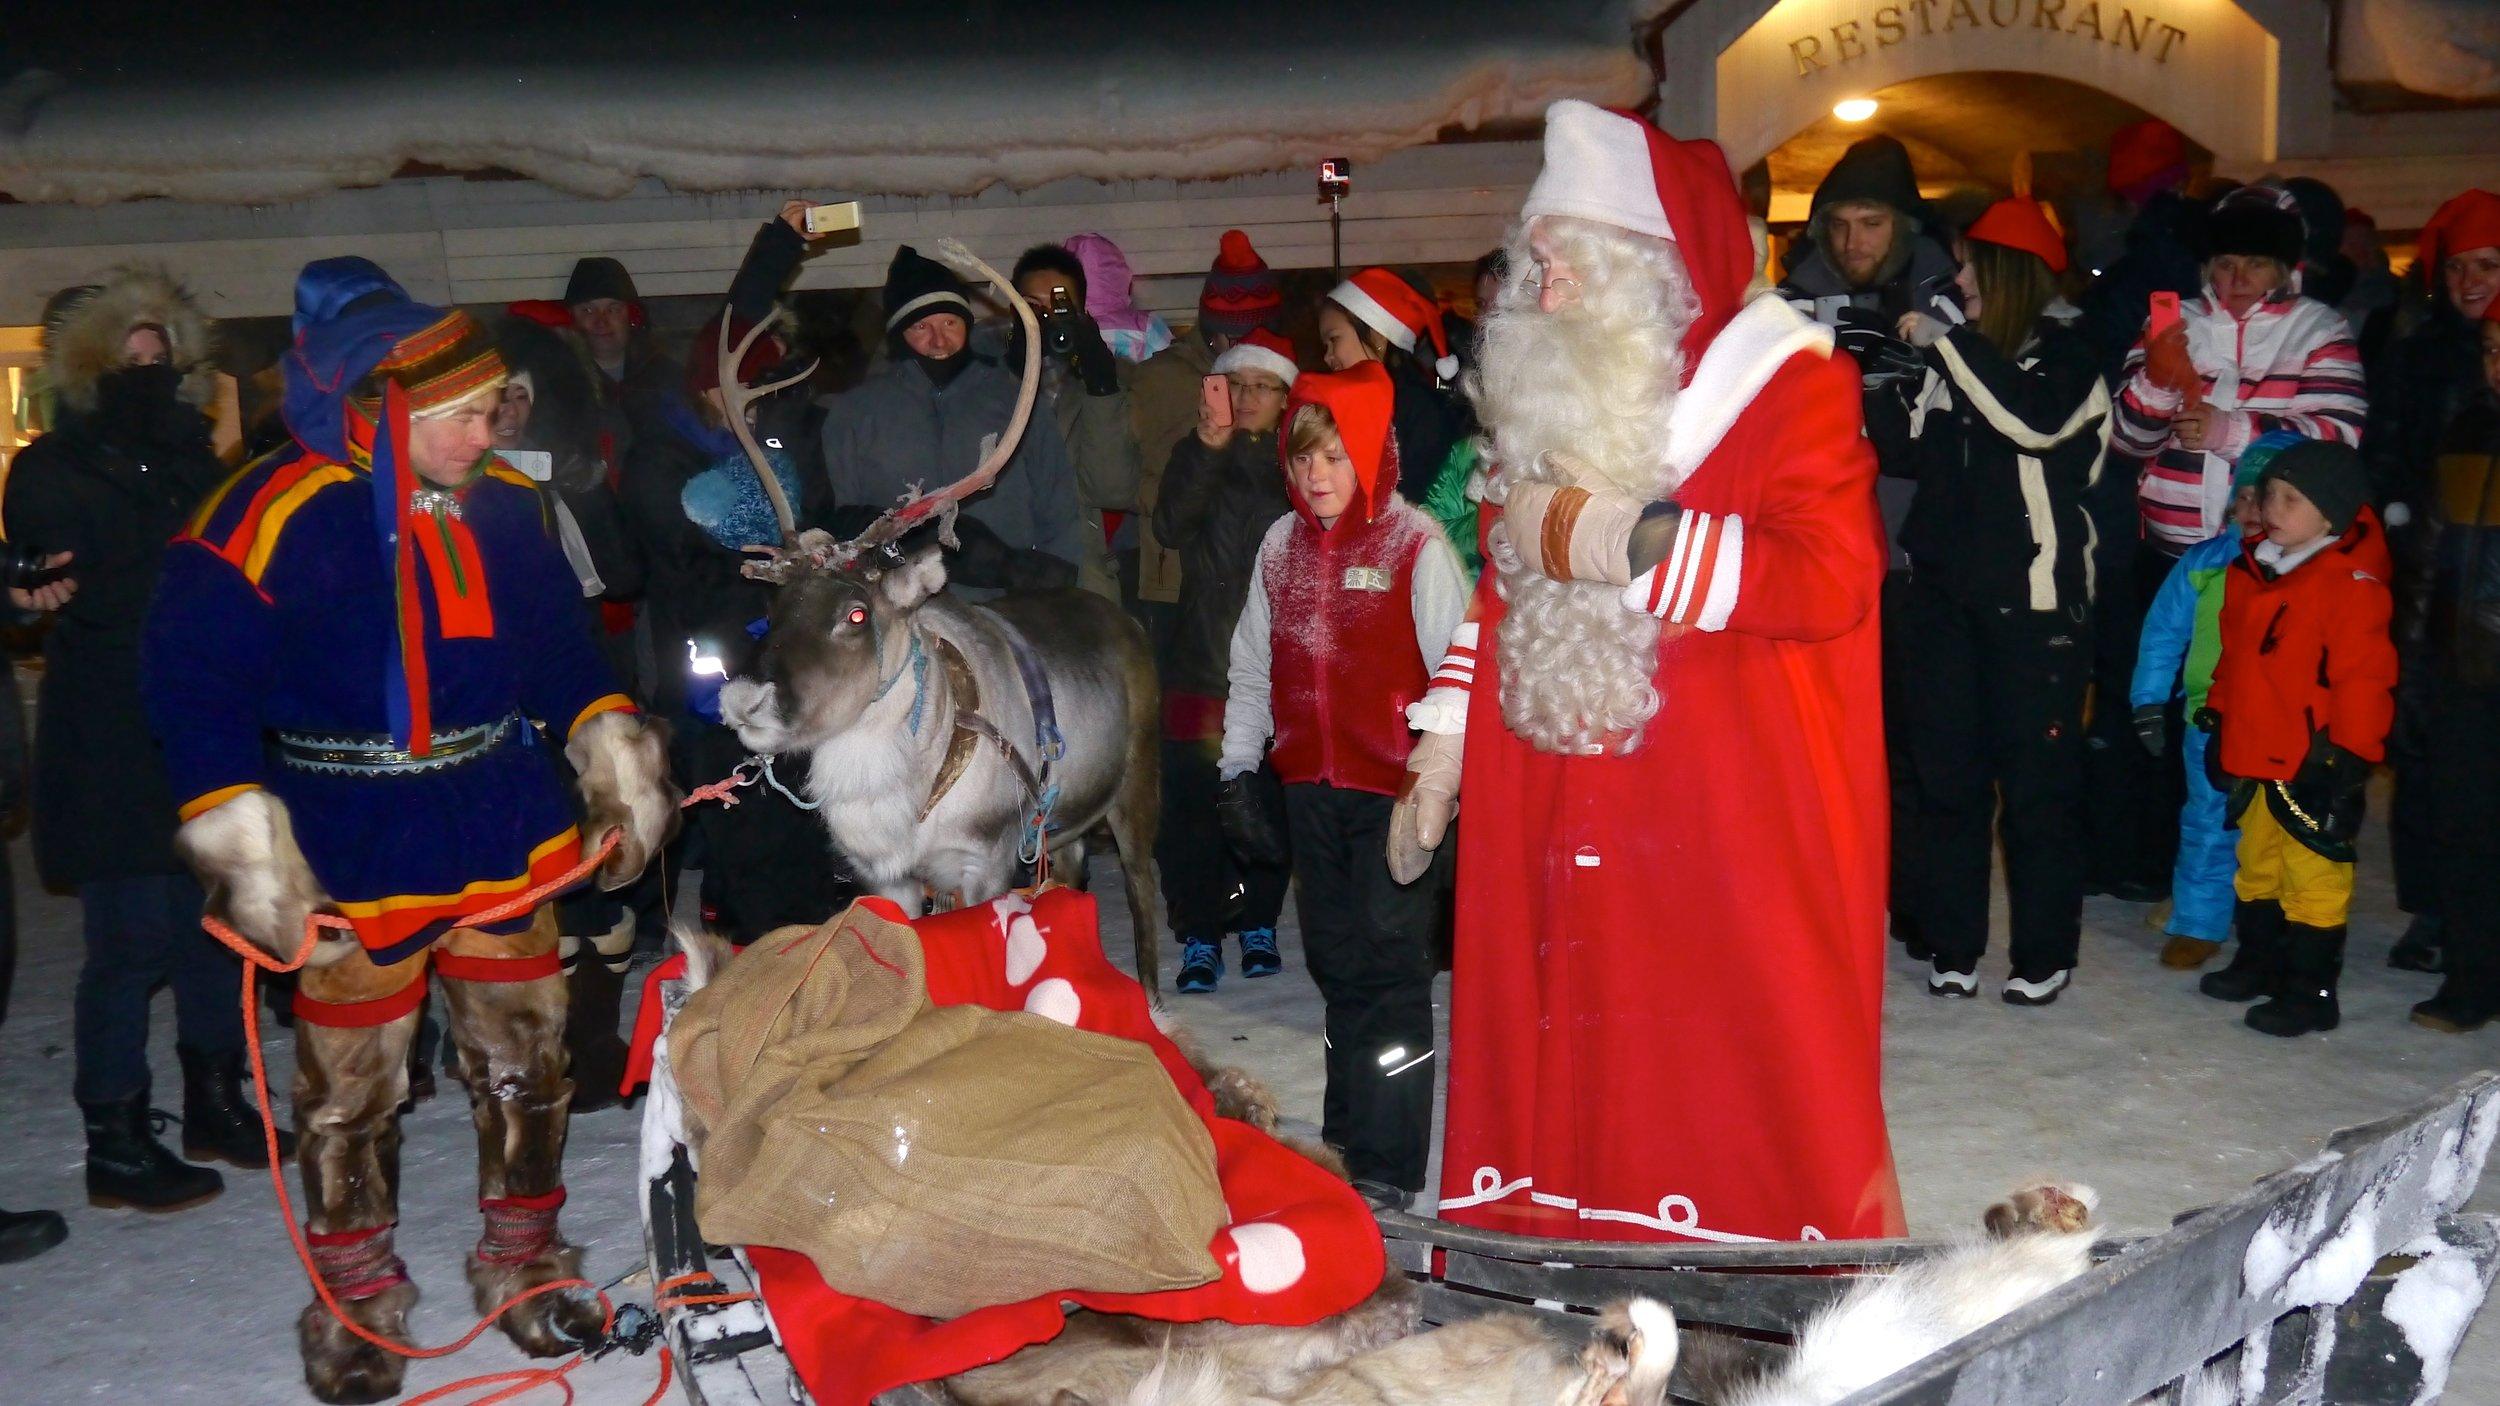 12-24-14 Santa reindeer sleigh copy.JPG